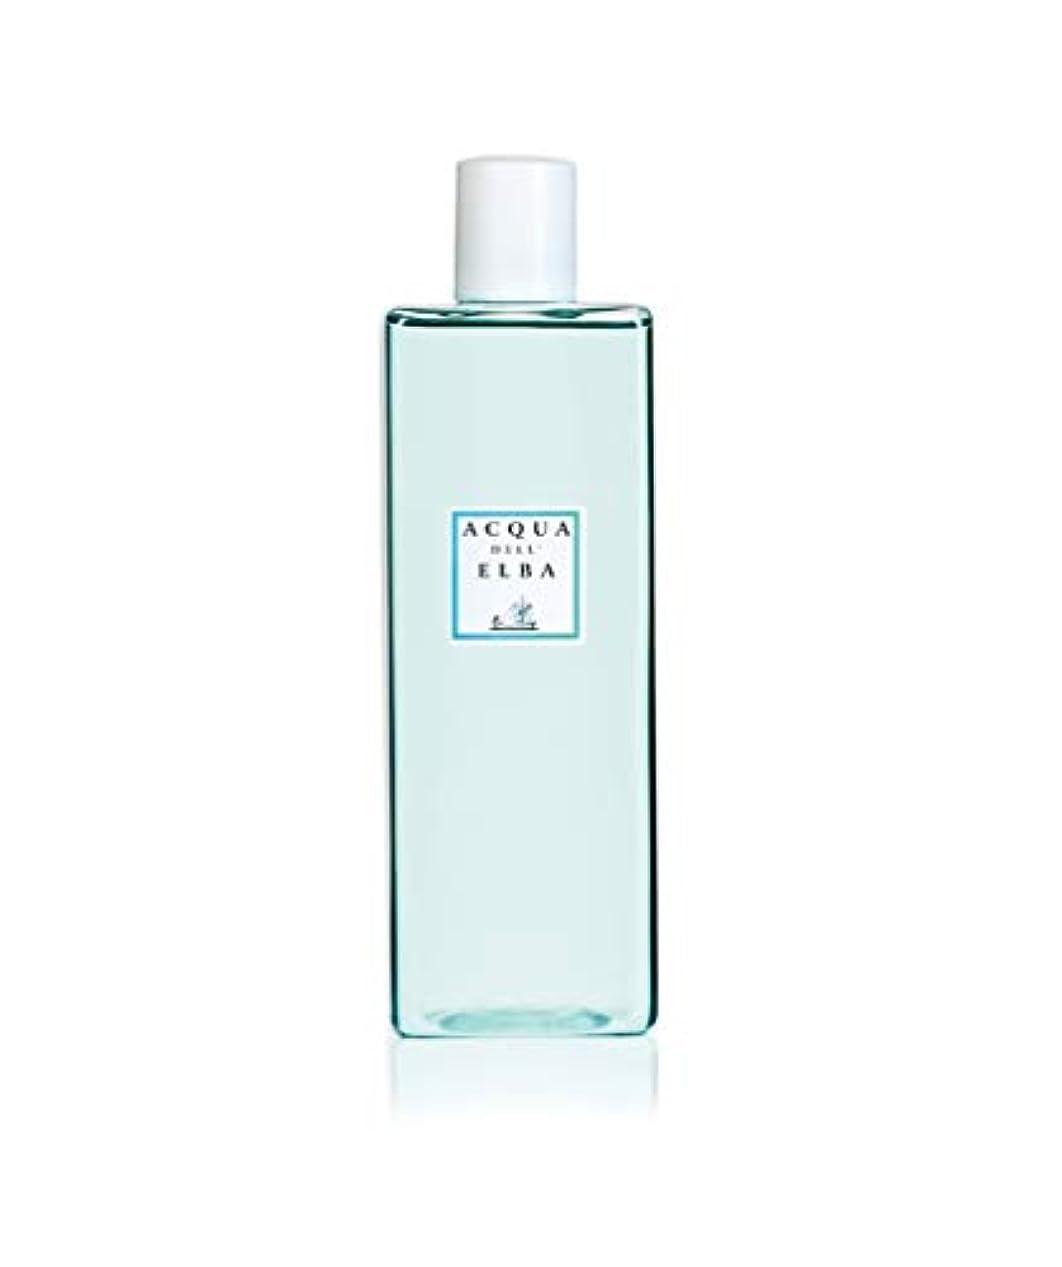 爆発説明的教育アクア?デッレ?エルバ Home Fragrance Diffuser Refill - Isola D'Elba 500ml/17oz並行輸入品